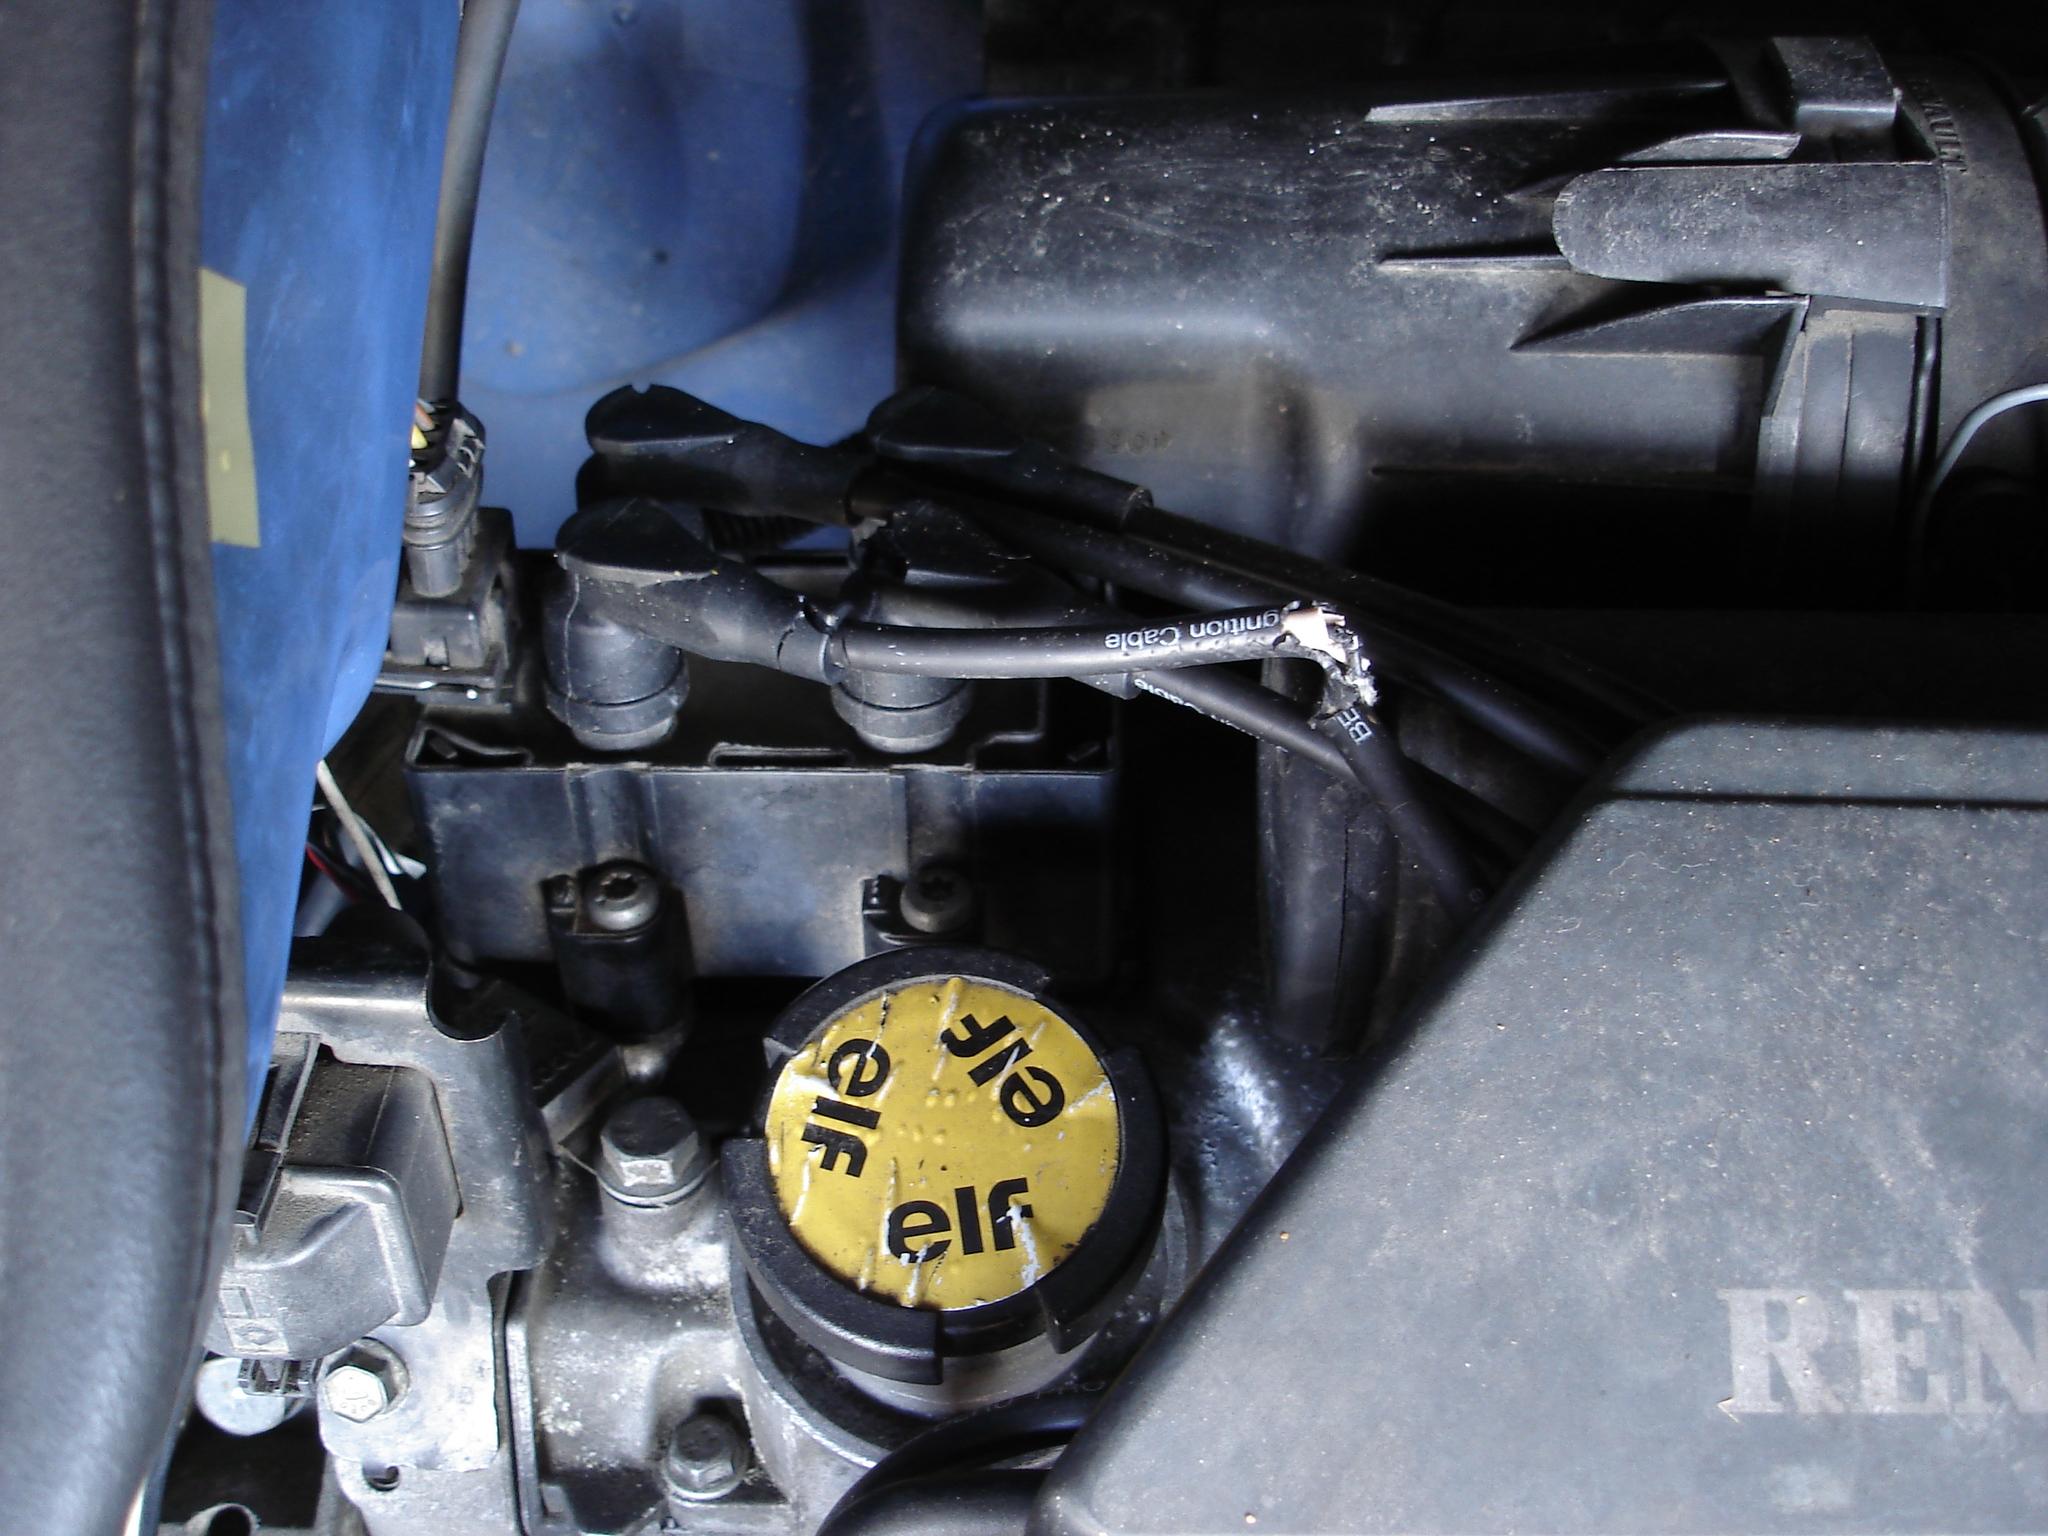 Visserie pour monter un cache sous-moteur 5be6138384d4e